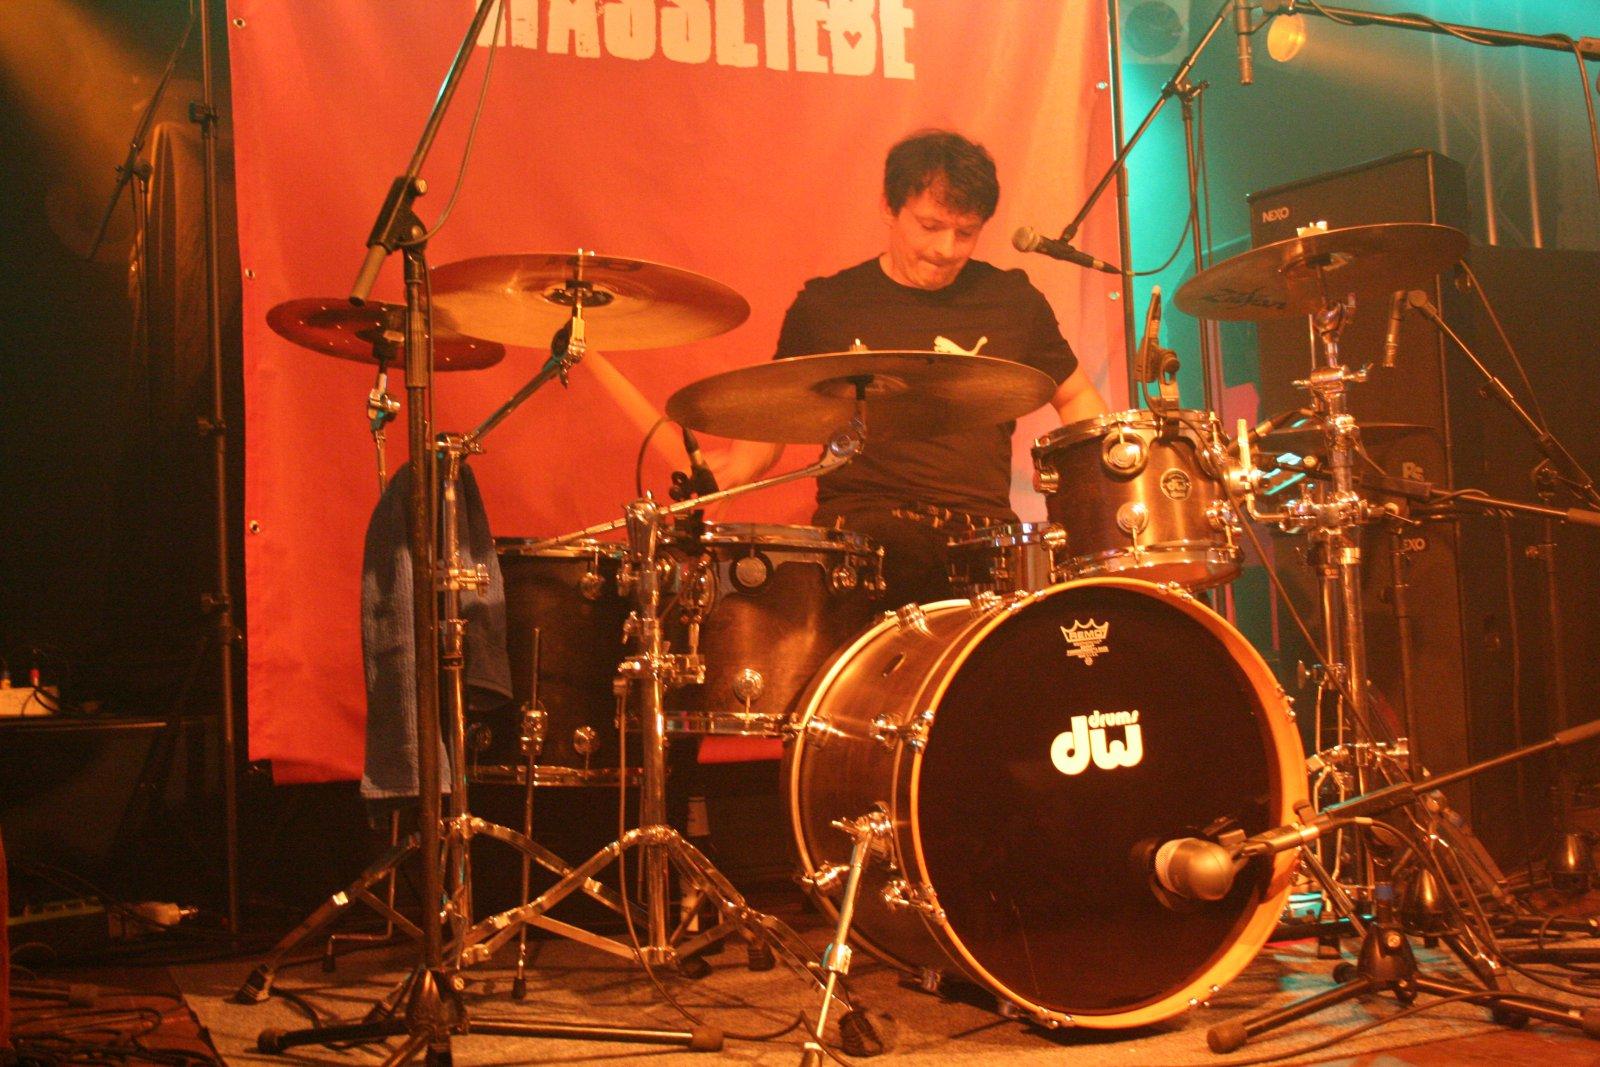 Hassliebe - Lennestadt Sauerlandhalle, 15.05.2010 - Foto von Andrea Jaeckel-Dobschat - 020